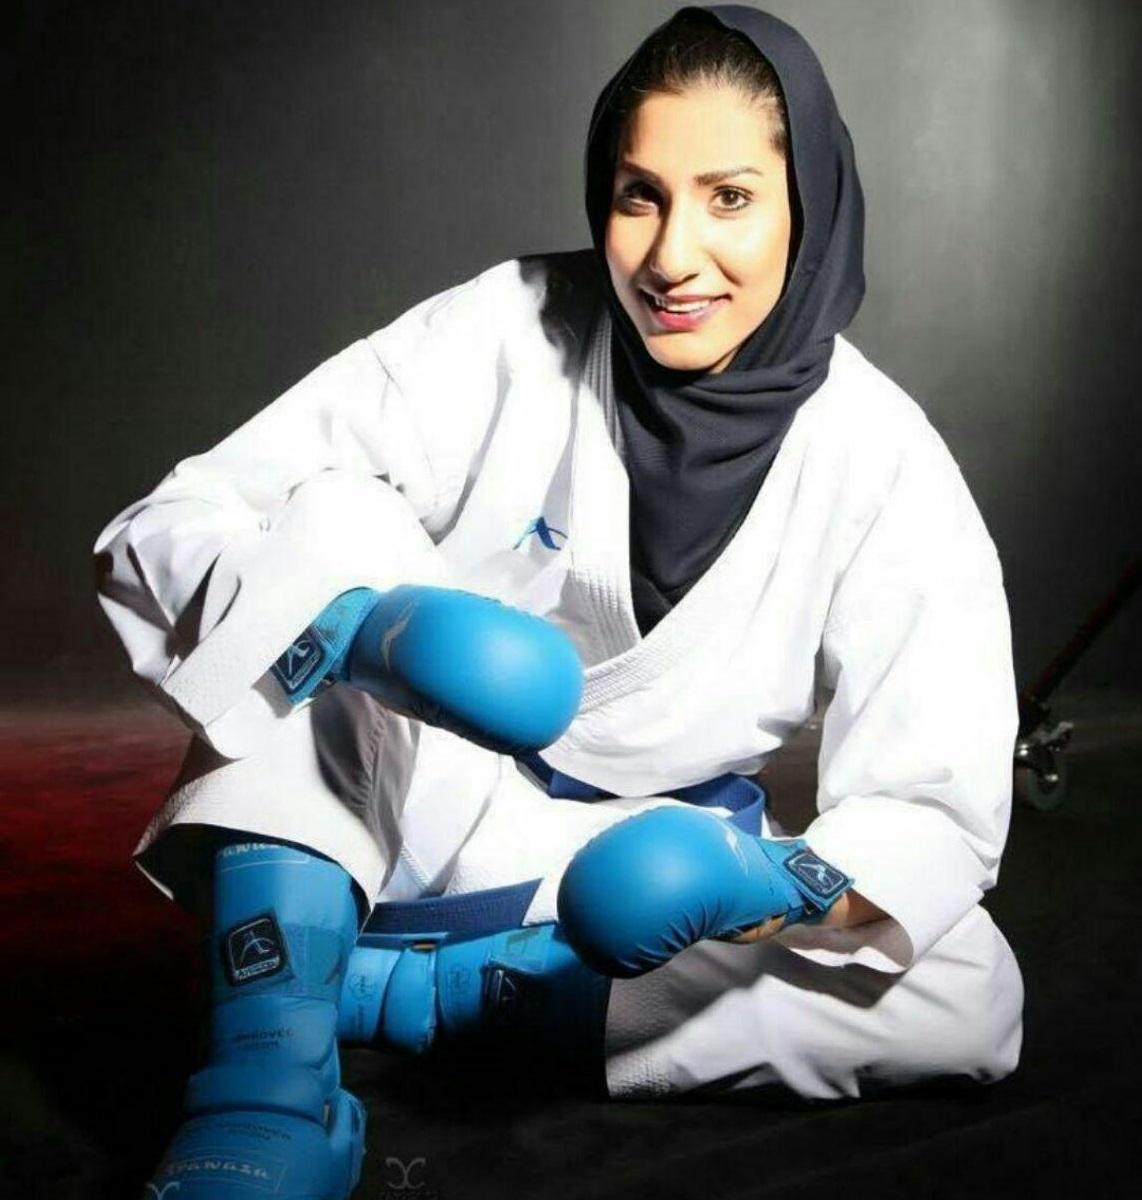 گفت وگوی جی پلاس با پرامیدترین زن کاراته ایران؛ ماکت حمیده عباسعلی در تلویزیون ژاپن + فیلم اختصاصی/ آیومی چطور تمرین میکند و ستاره ما چطور؟!